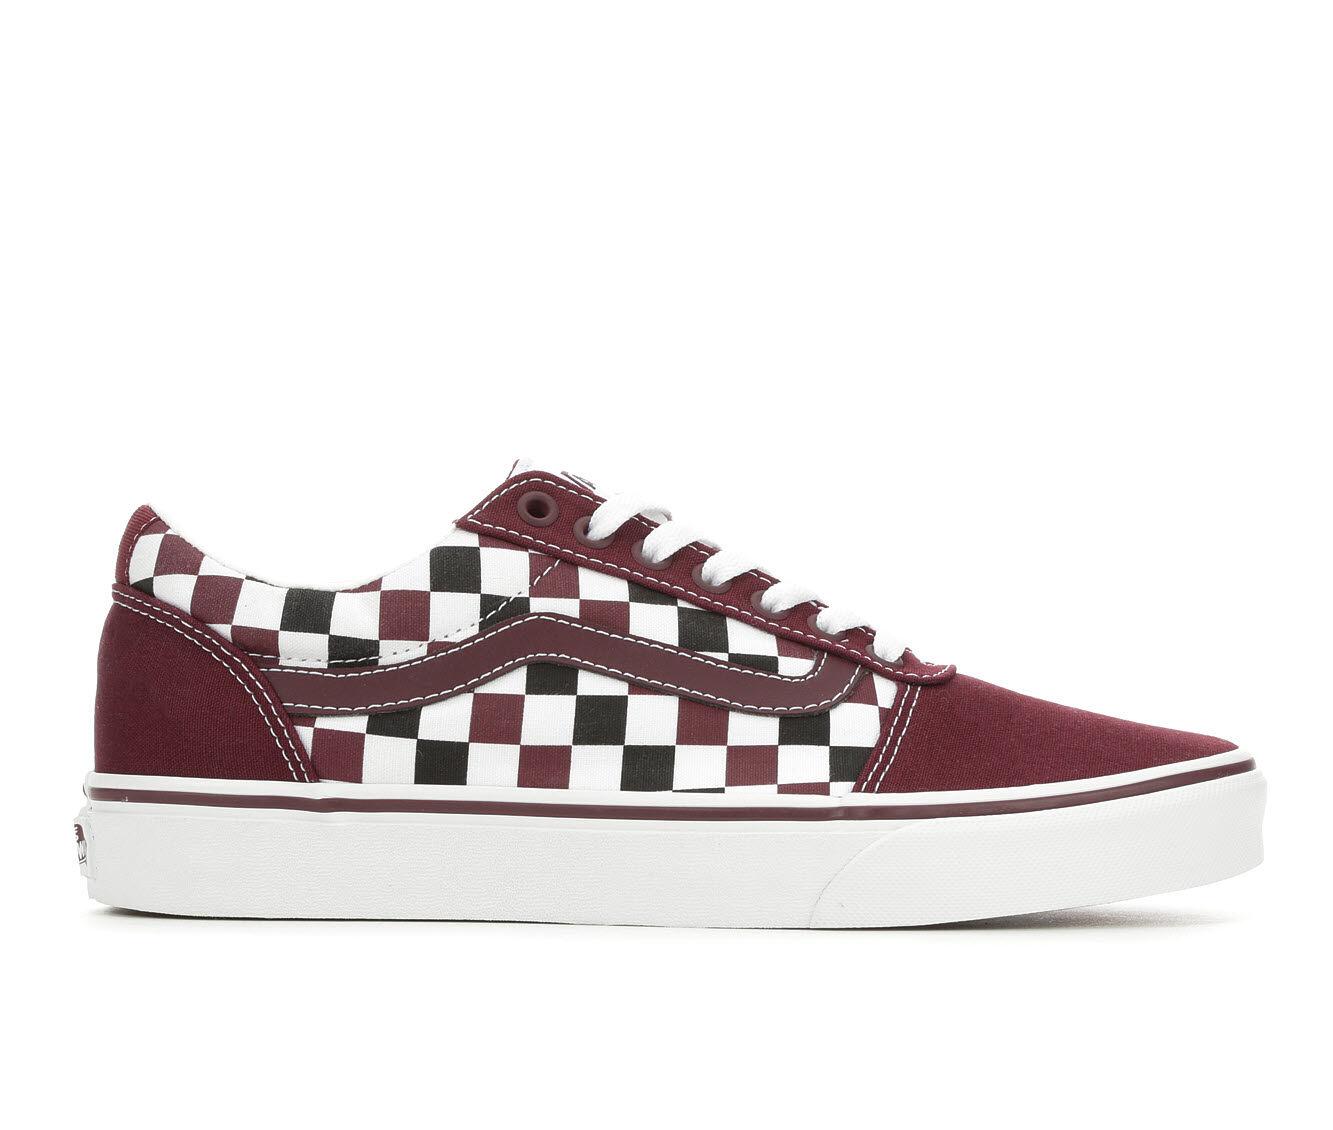 Factory Outlet Men's Vans Ward Skate Shoes Bur/Bk/Wh Chkbd